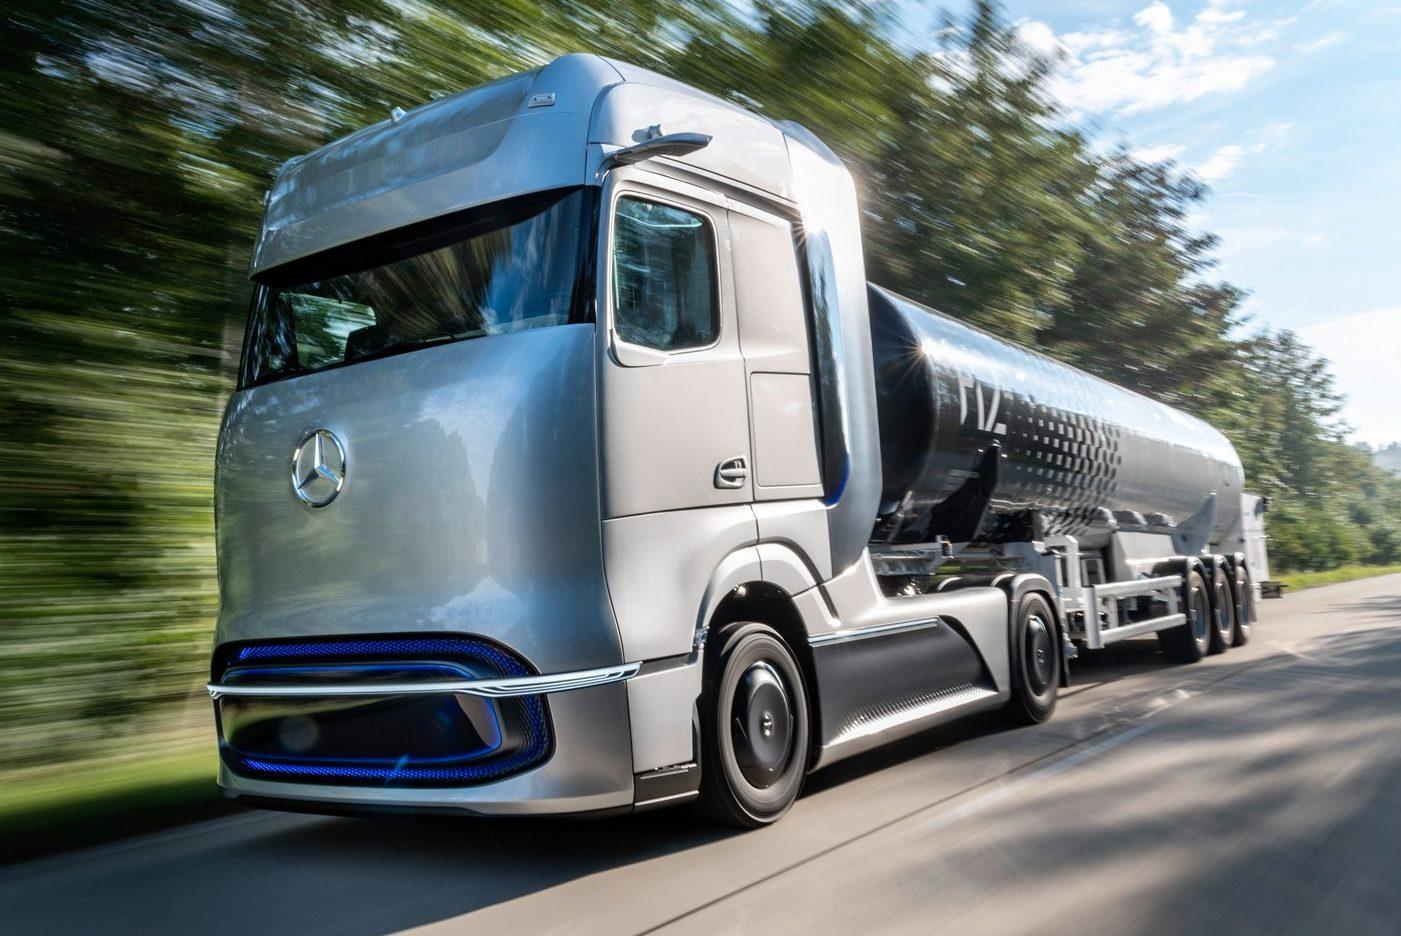 Mercedes GenH2 é caminhão futurístico que troca diesel por hidrogênio